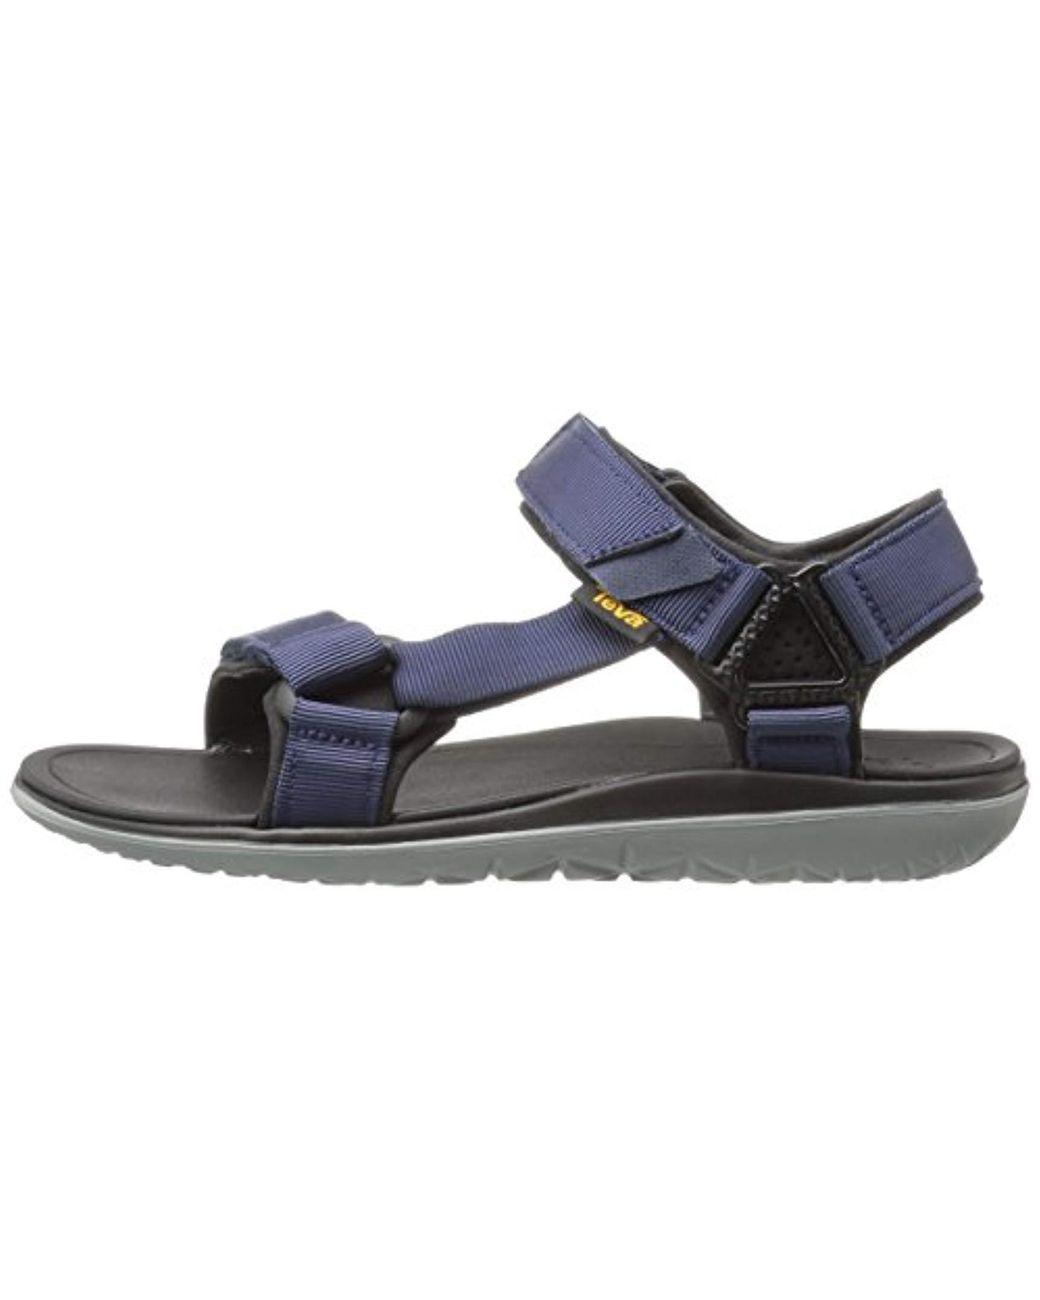 6d0505cebe7e Teva Terra-float Univ 2.0 M s Sports Sandals in Blue for Men - Save 76% -  Lyst